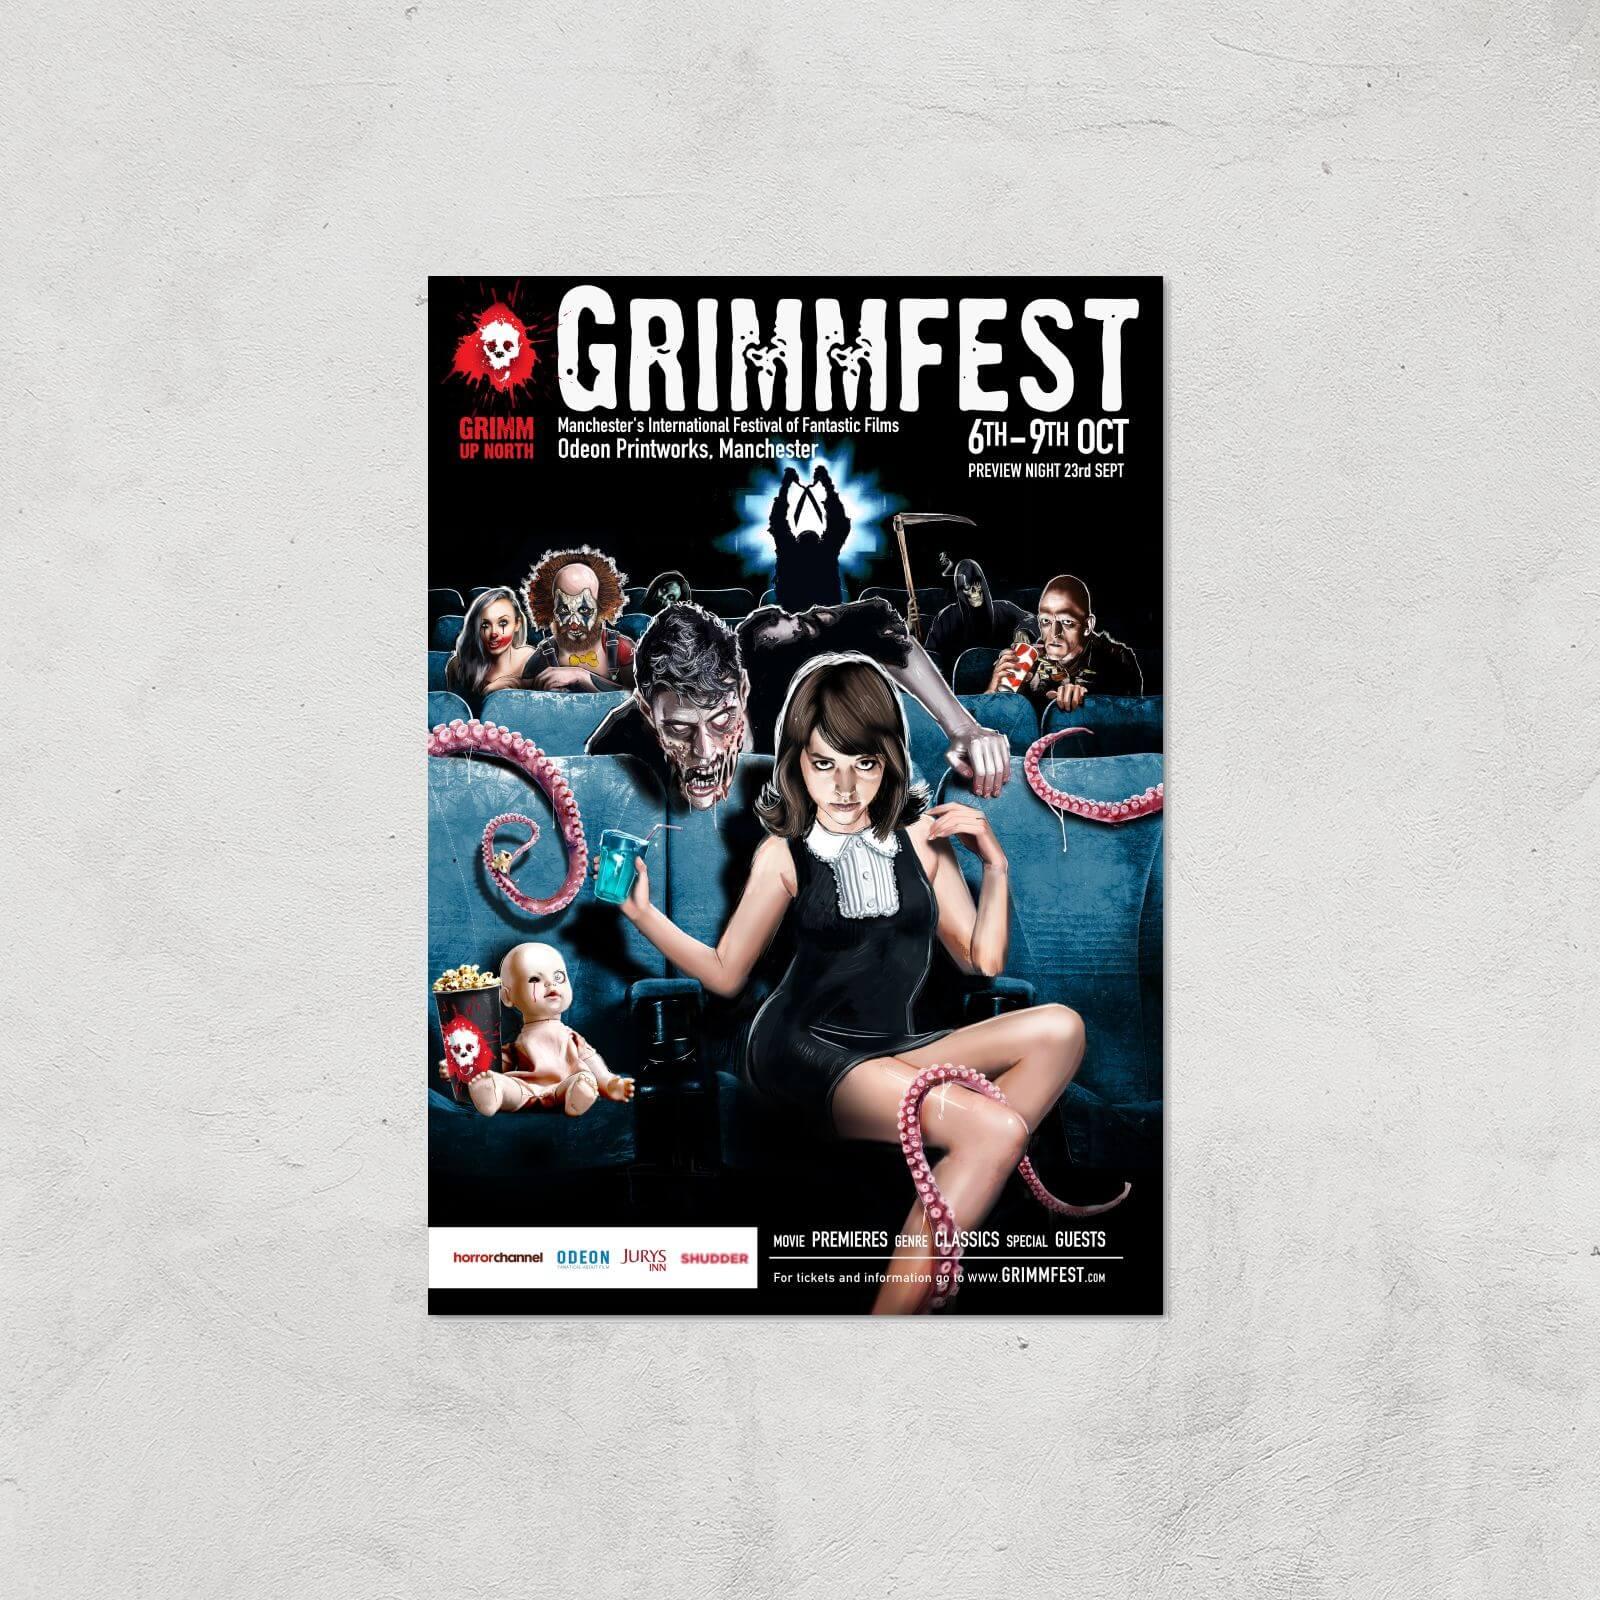 Grimmfest 2016 Giclée Art Print - A3 - Print Only